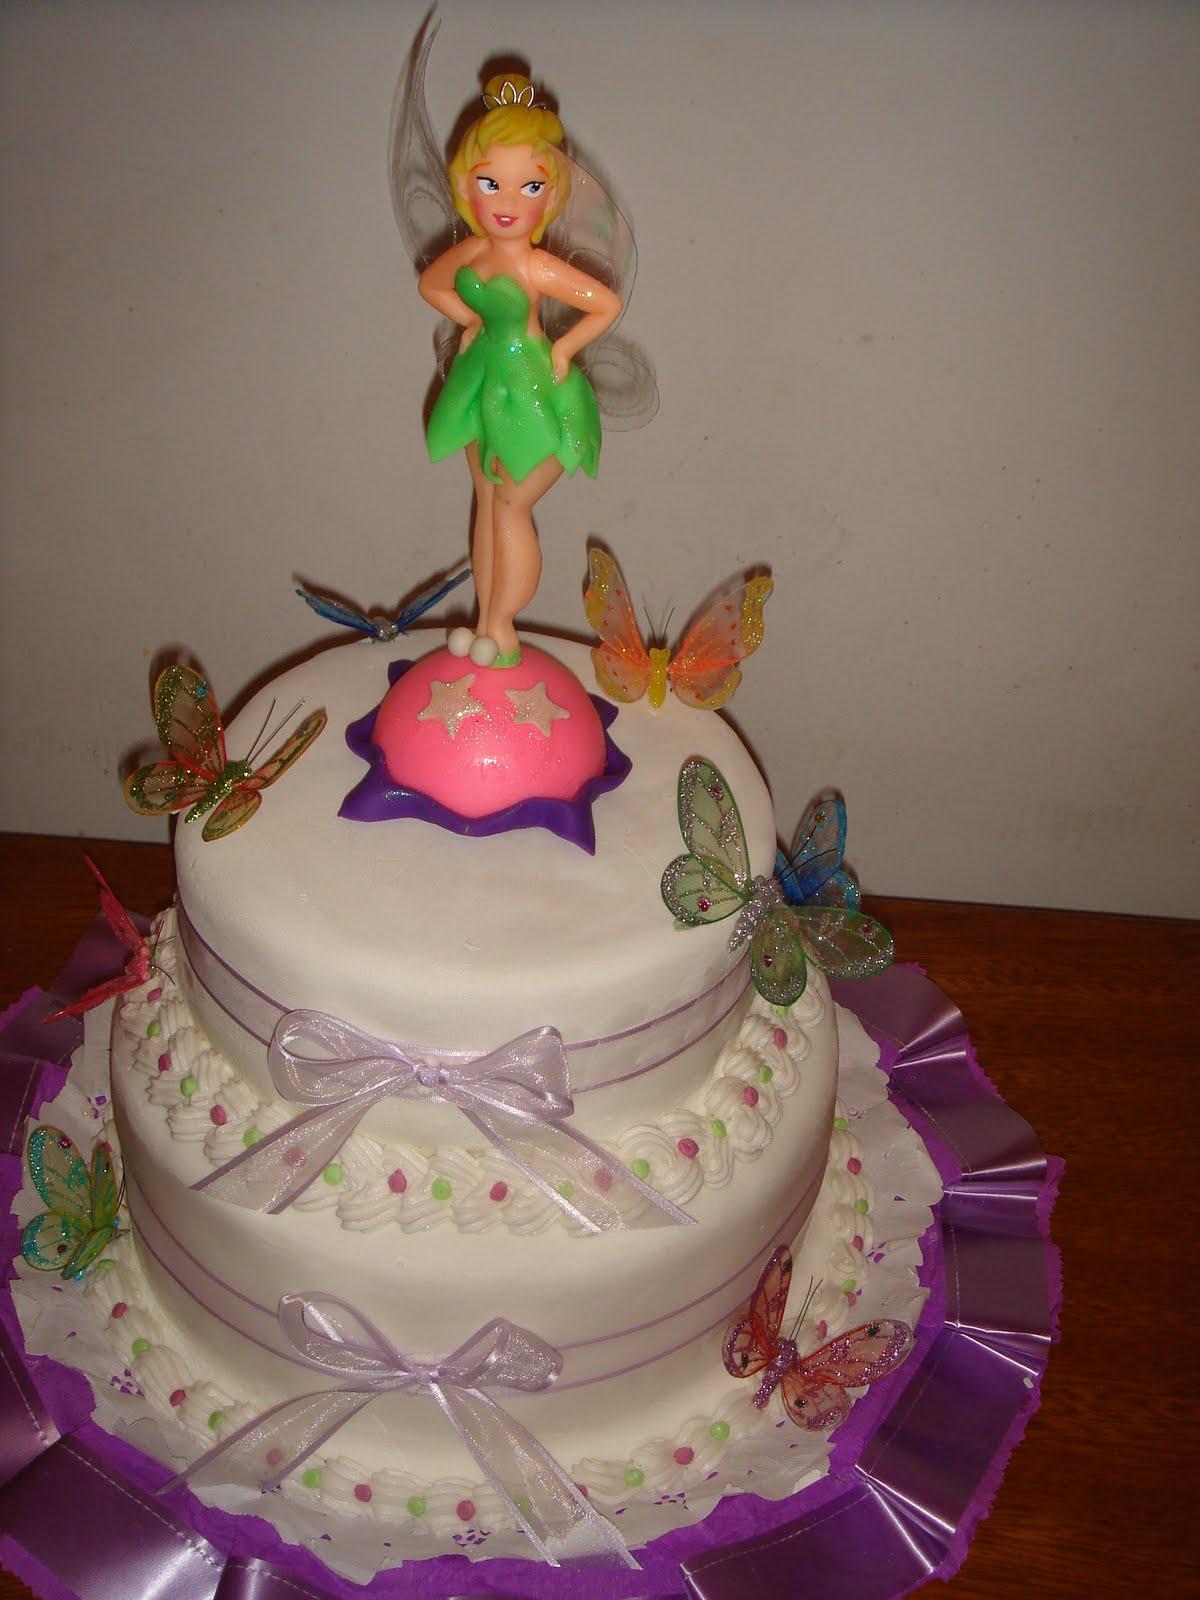 Tortas Artesanales y Decoradas: noviembre 2009